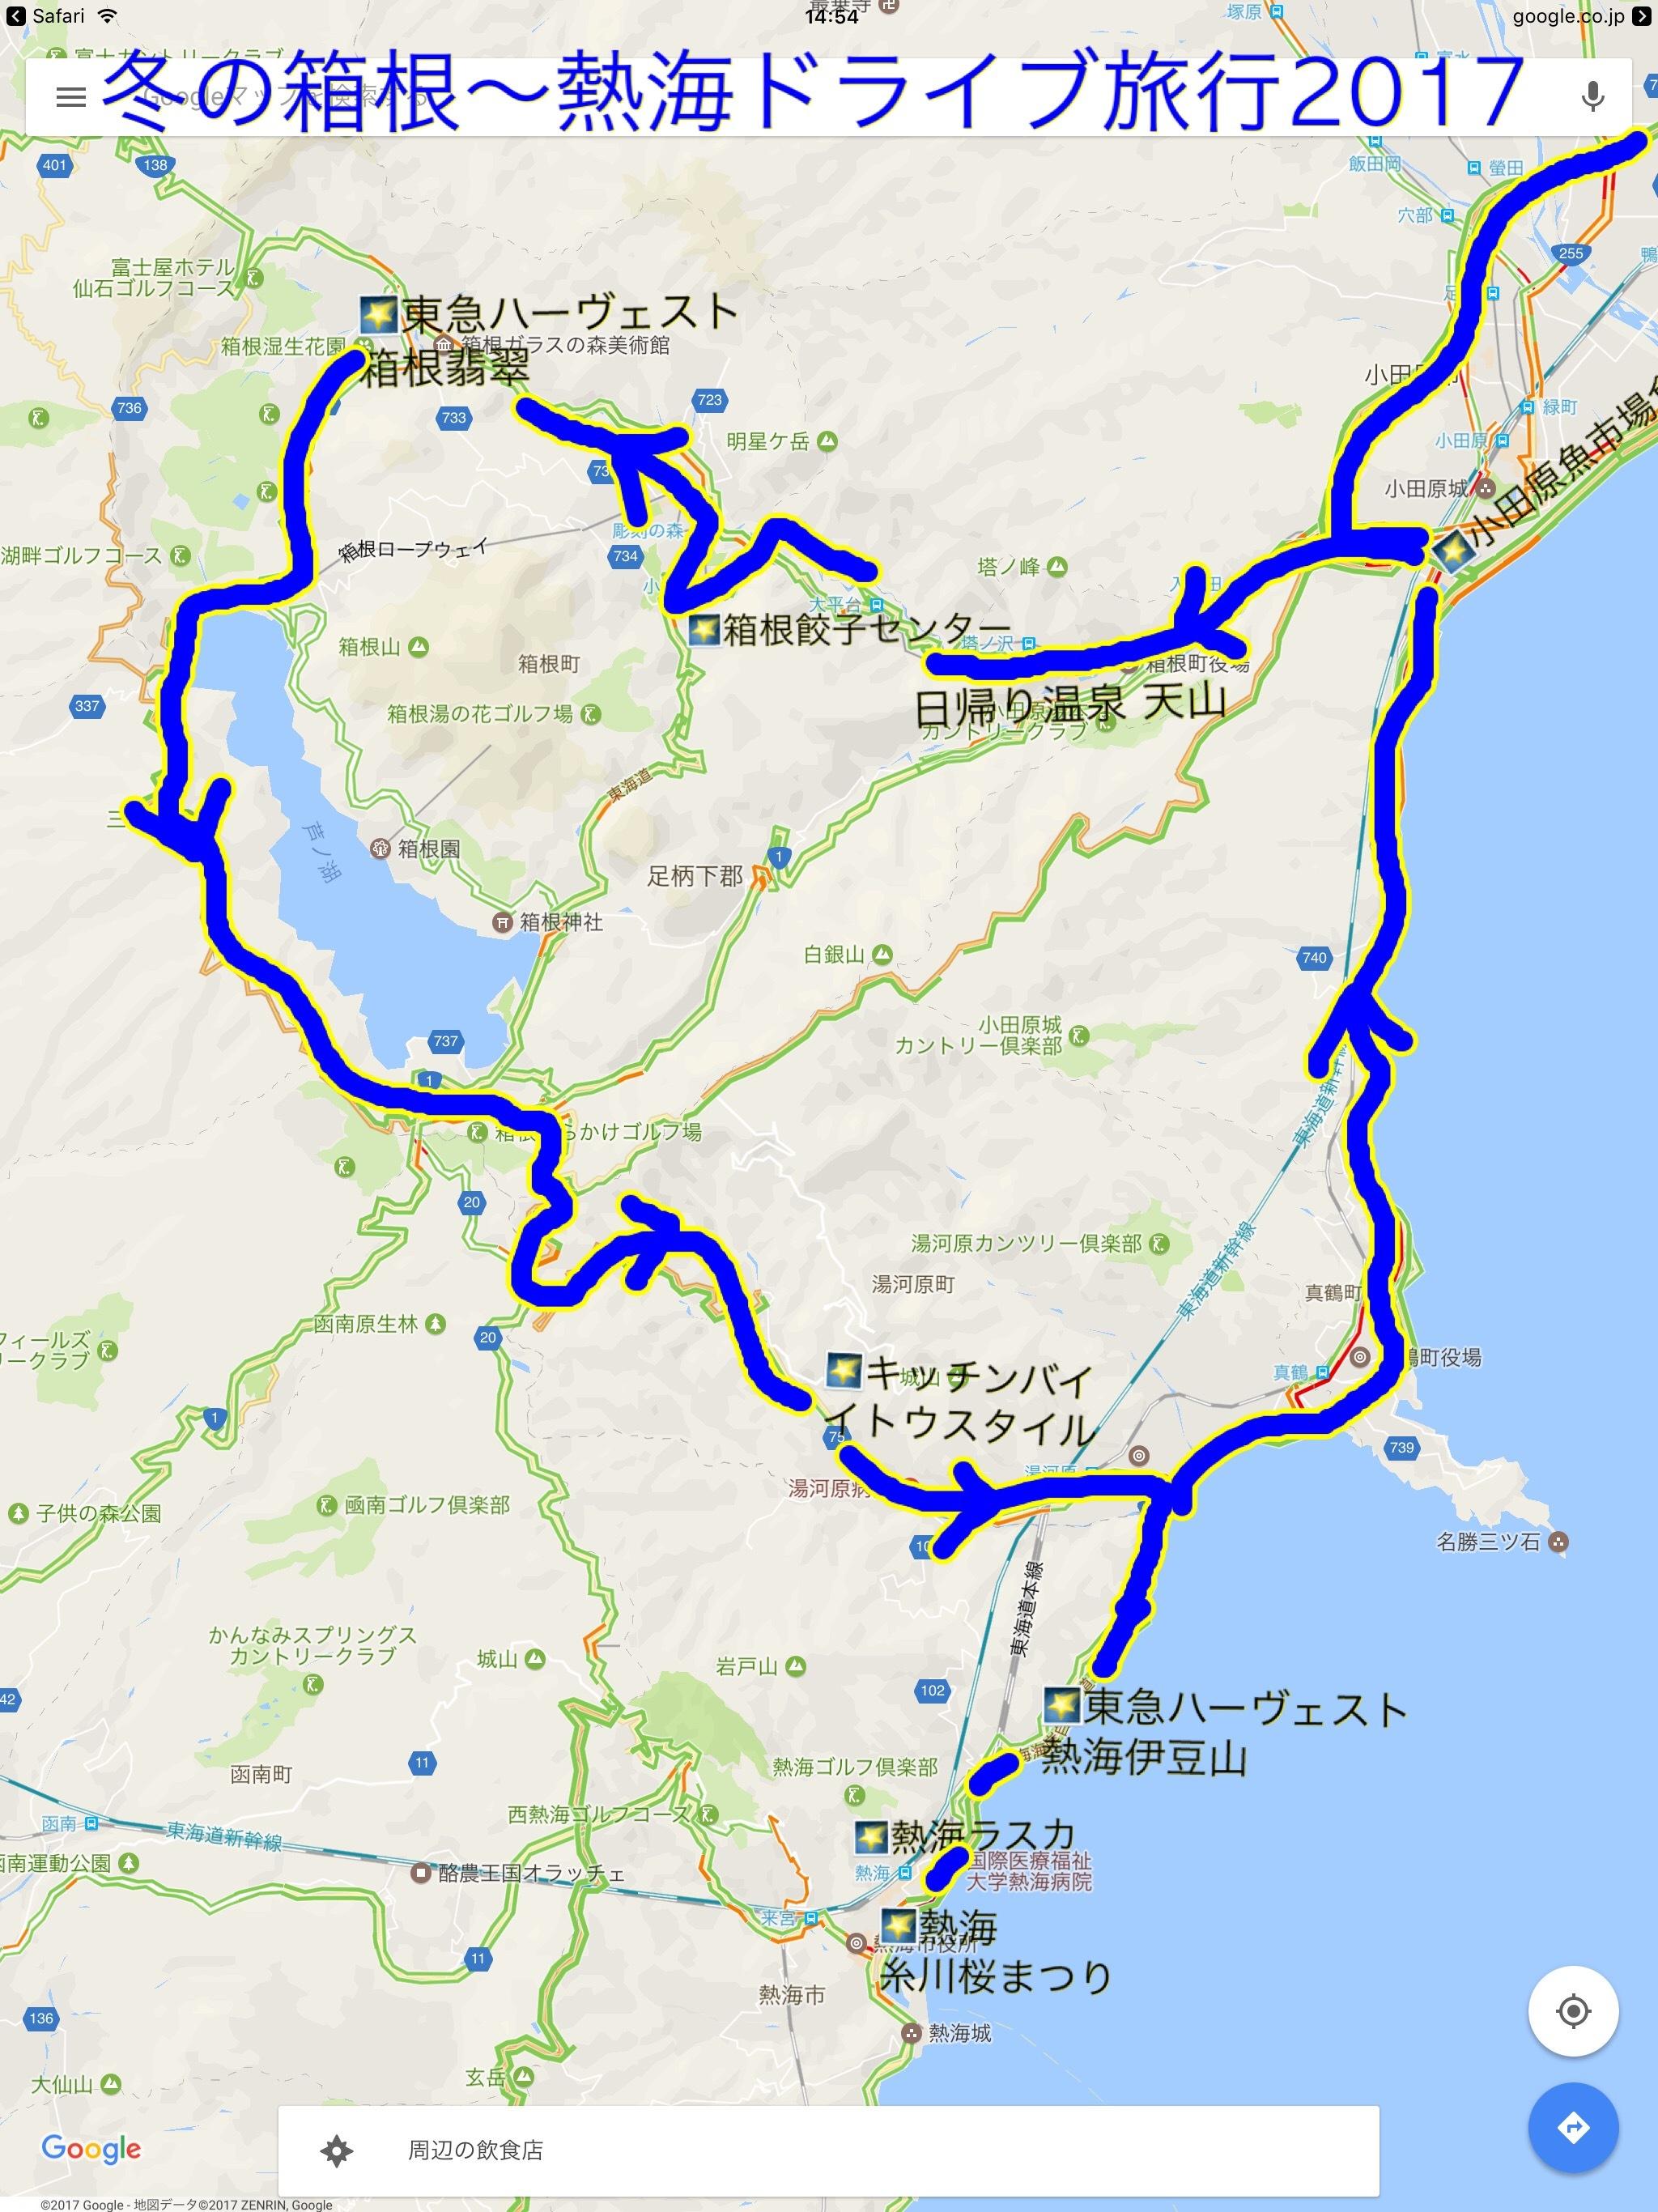 アウトランダーPHEV 冬の箱根〜熱海ドライブ旅行2017